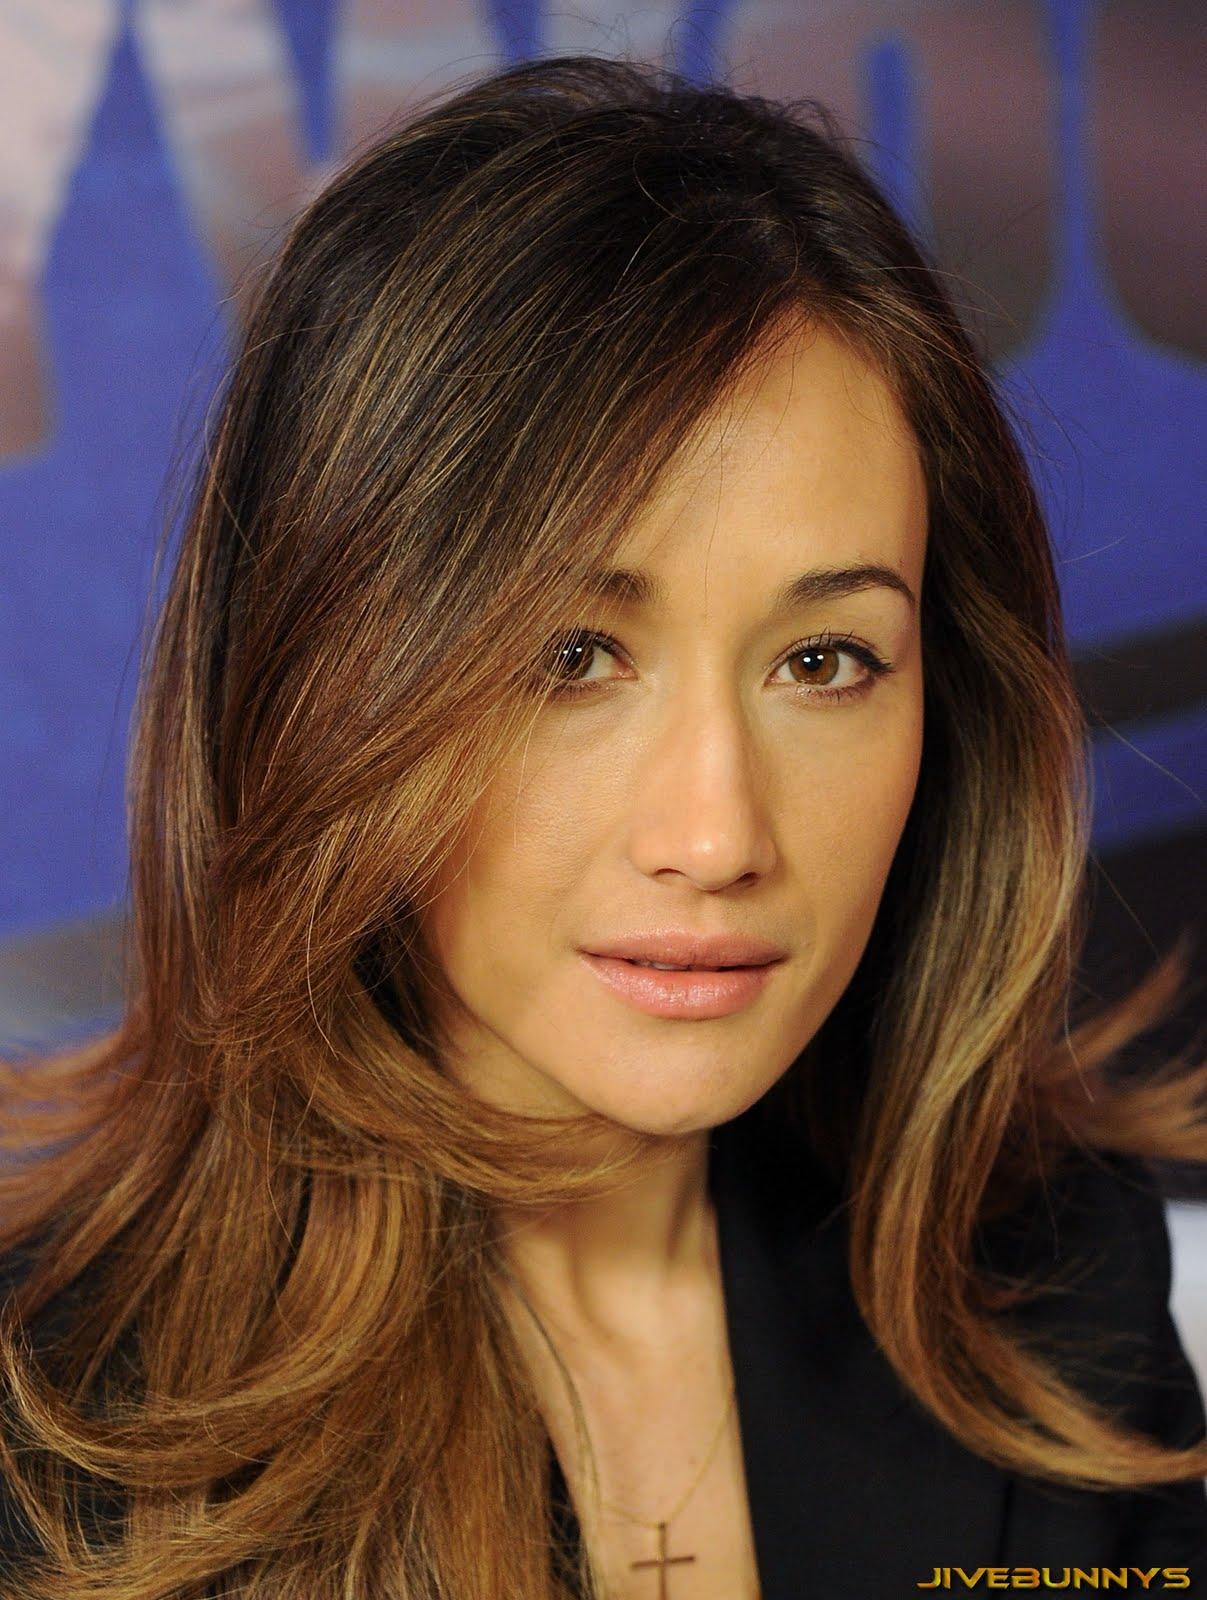 http://1.bp.blogspot.com/-z-OA17250oY/TdmfyNpx1yI/AAAAAAACFcM/Irdxu2B6LUA/s1600/maggie-q-actress-celebrity-405.jpg